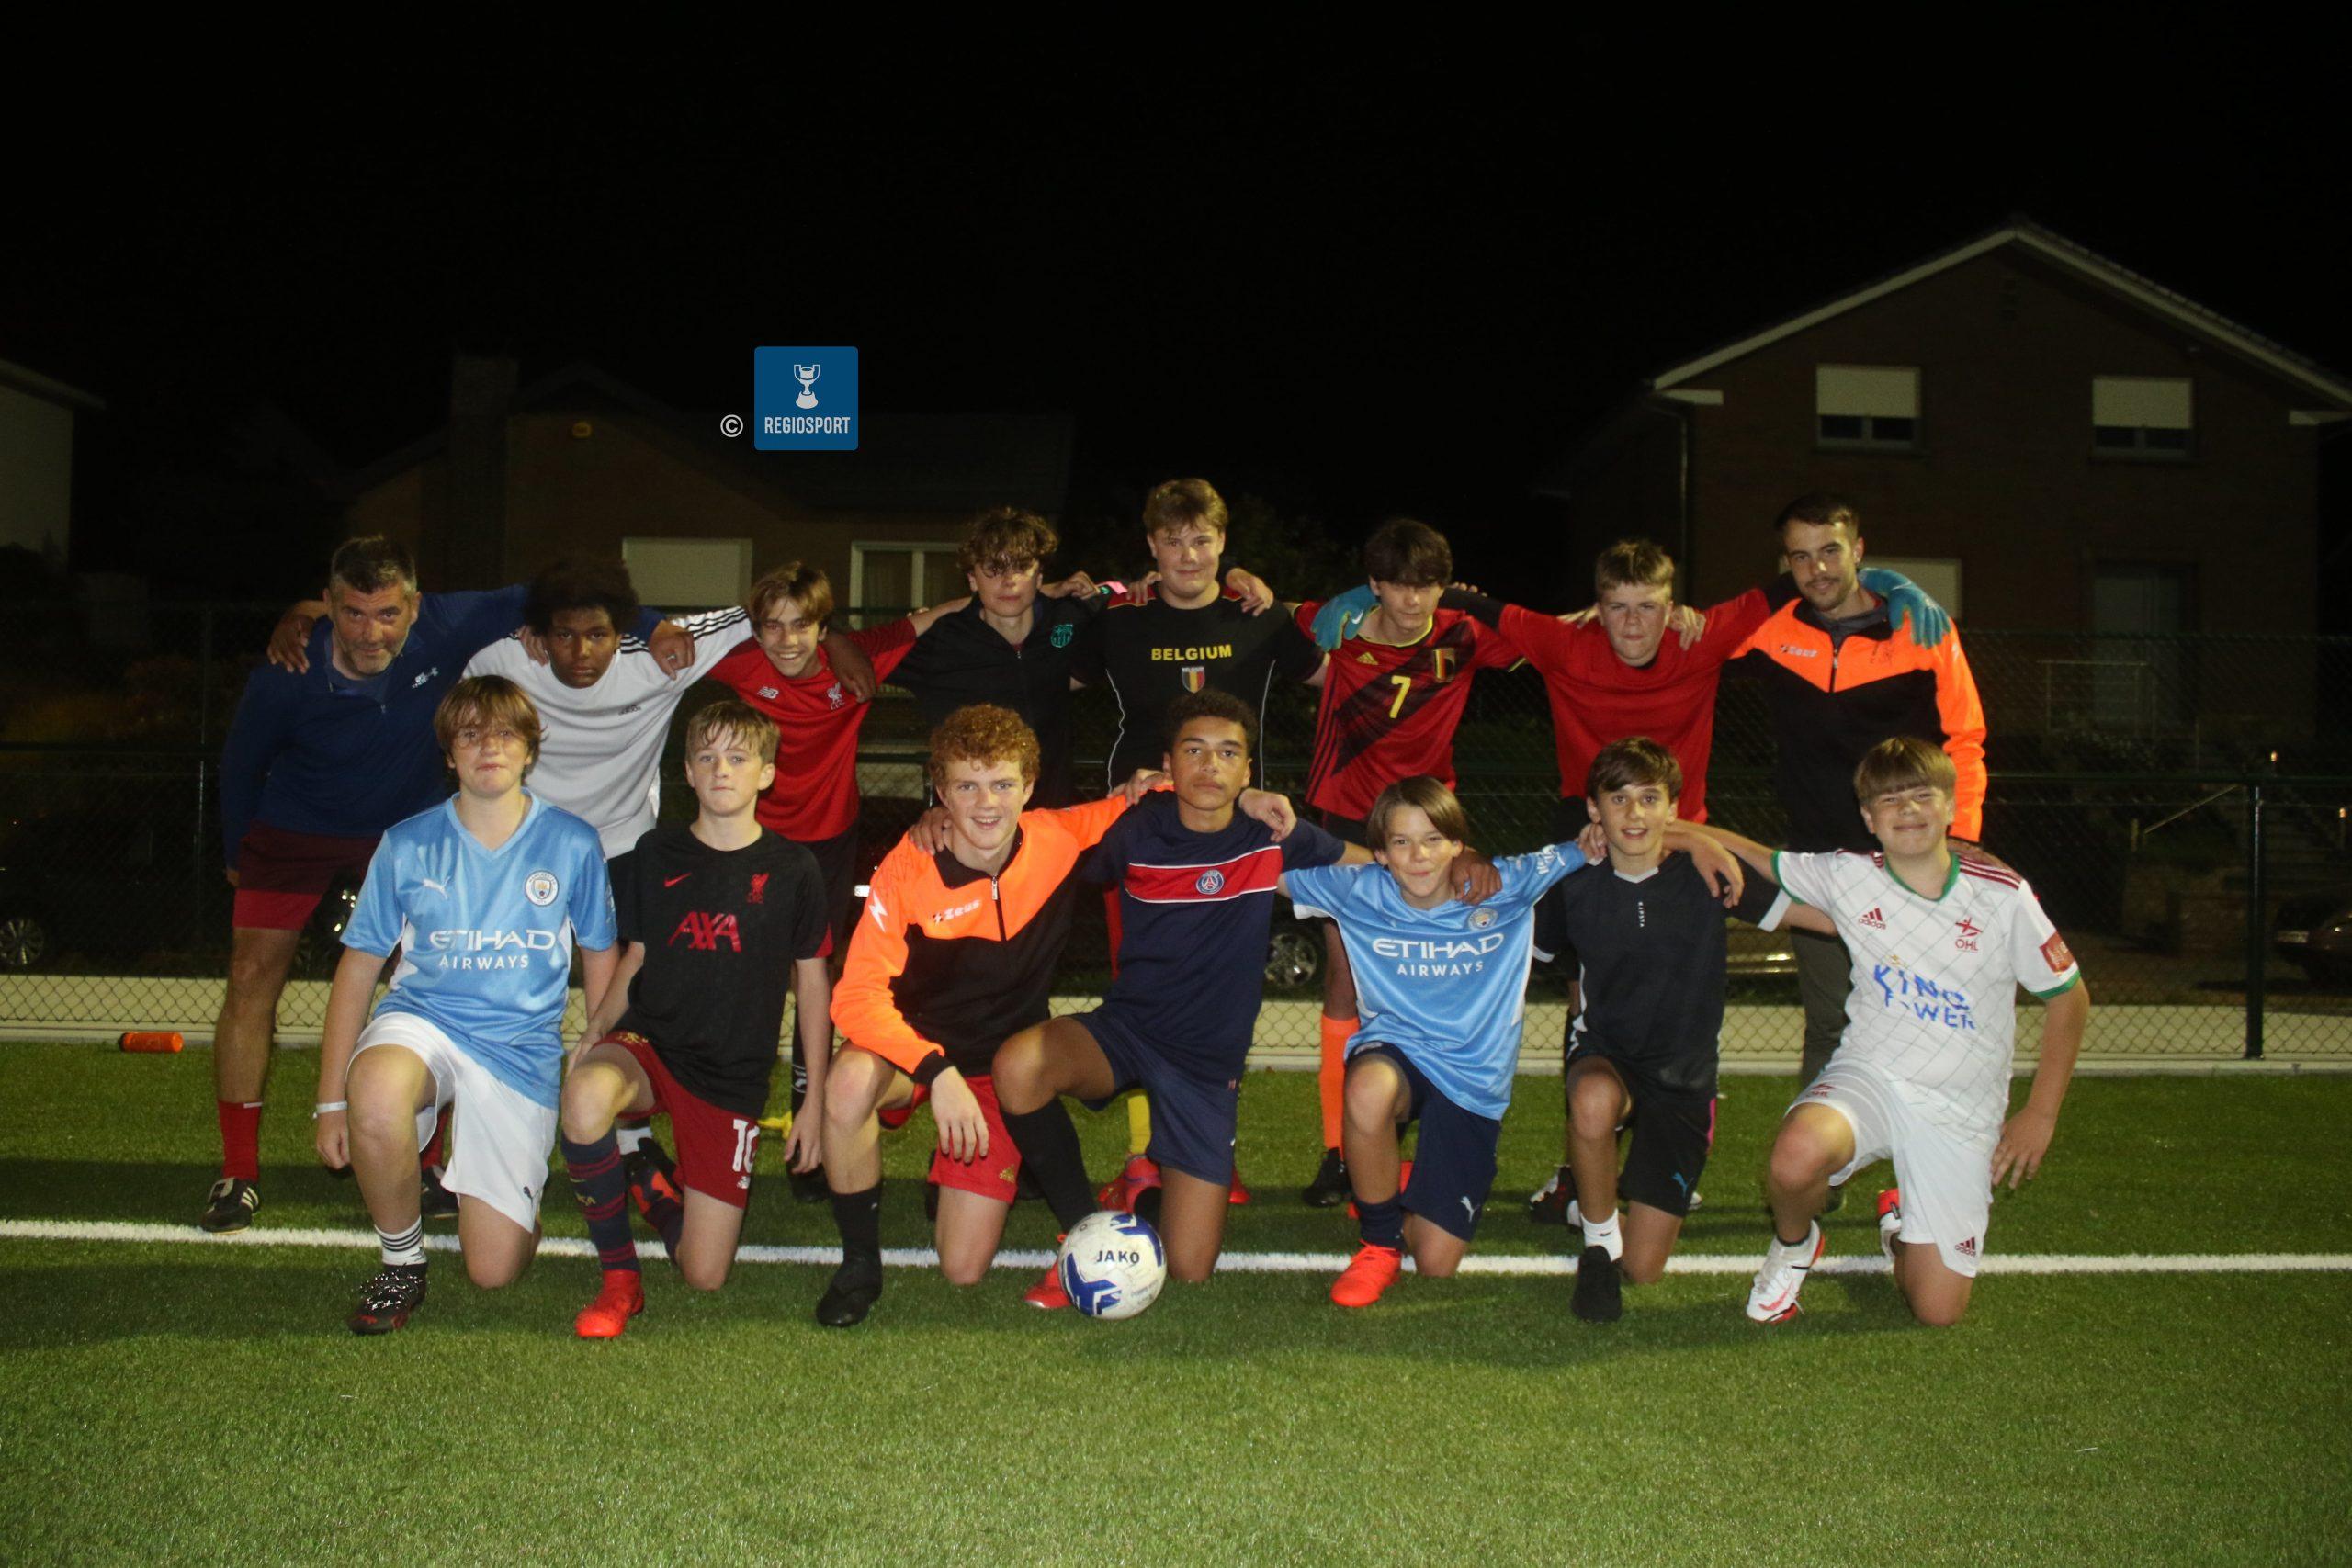 U15 A FC Moorsel speelt 6-6 gelijk op Woluwe-Zaventem